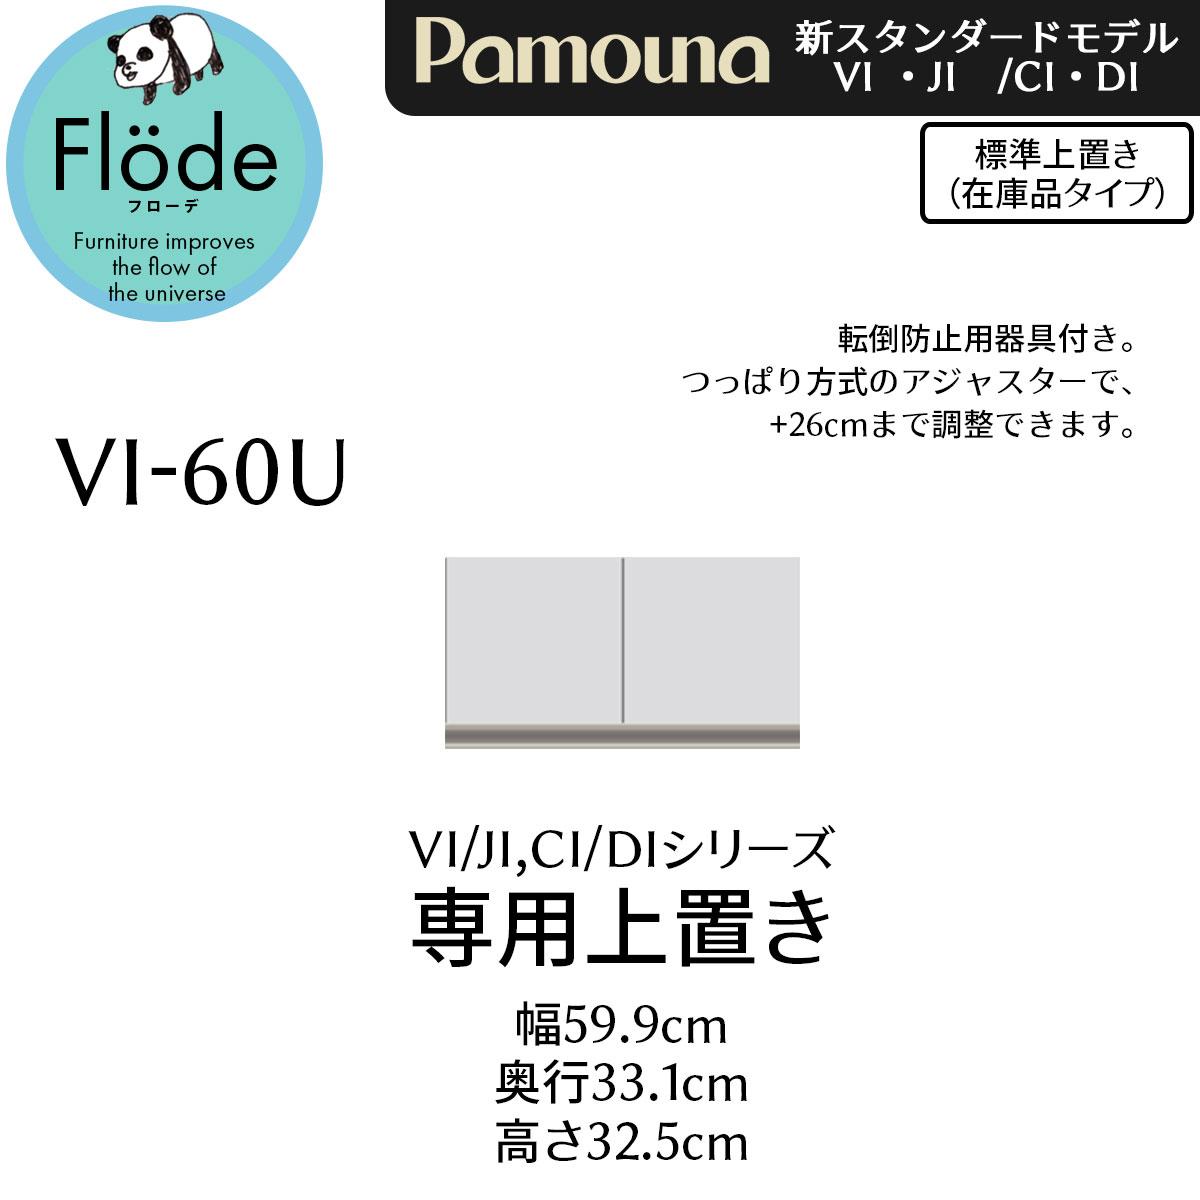 パモウナ 上置 (食器棚VI/JI CI/DI用) 【幅59.8×高さ32.5cm】 VI-60U